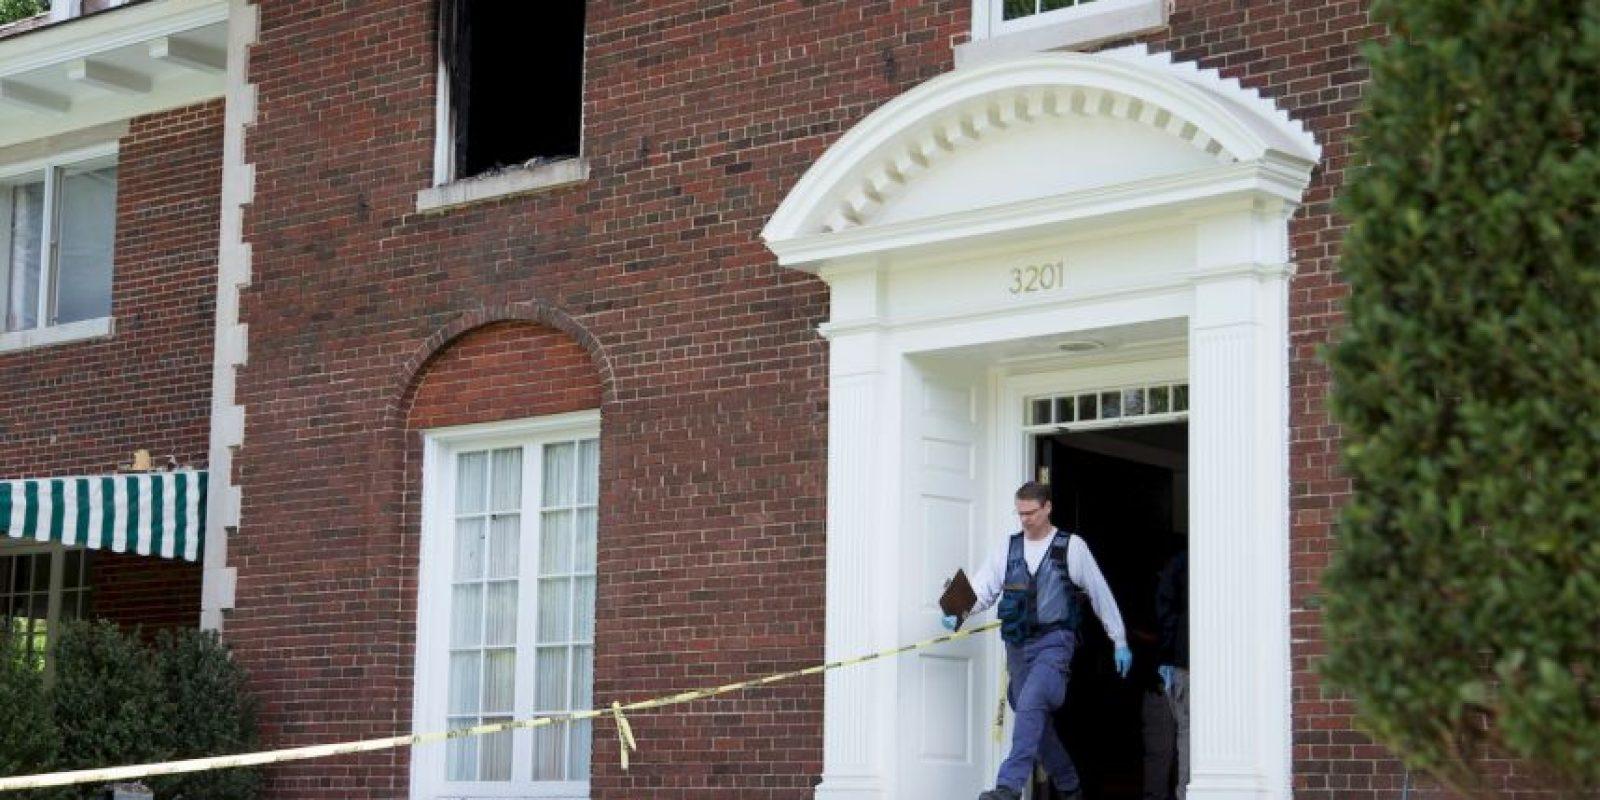 La Policía de Washington reconoció a uno de los sospechosos que causaron la muerte de cuatro personas en el noreste de Washington. Foto:AP